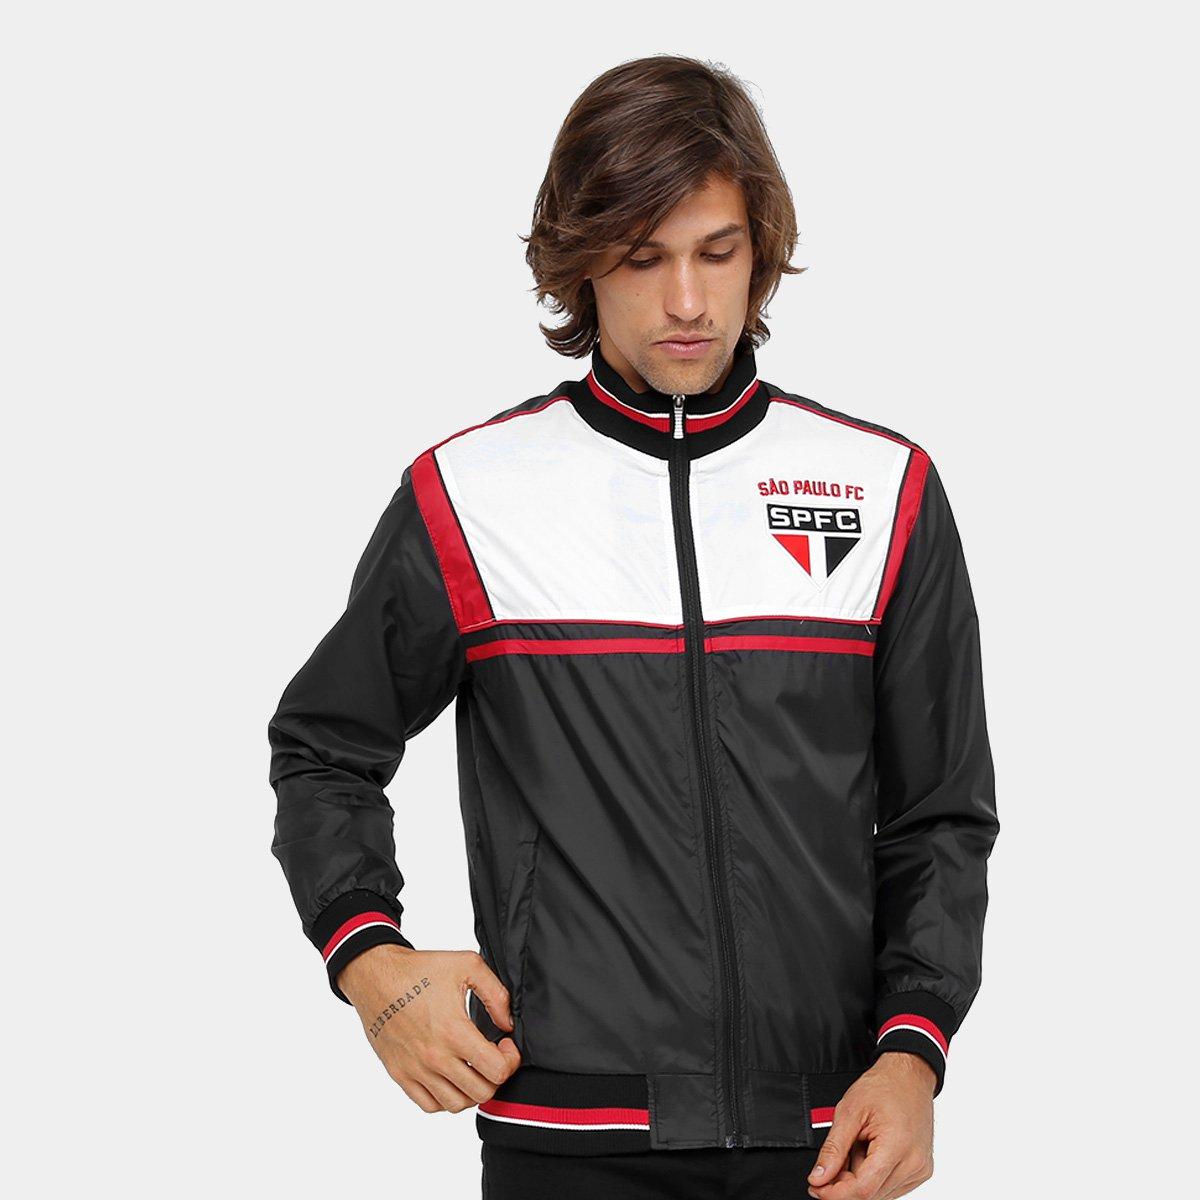 efb101e0db Jaqueta São Paulo Vintage FC 17 Masculina - Compre Agora